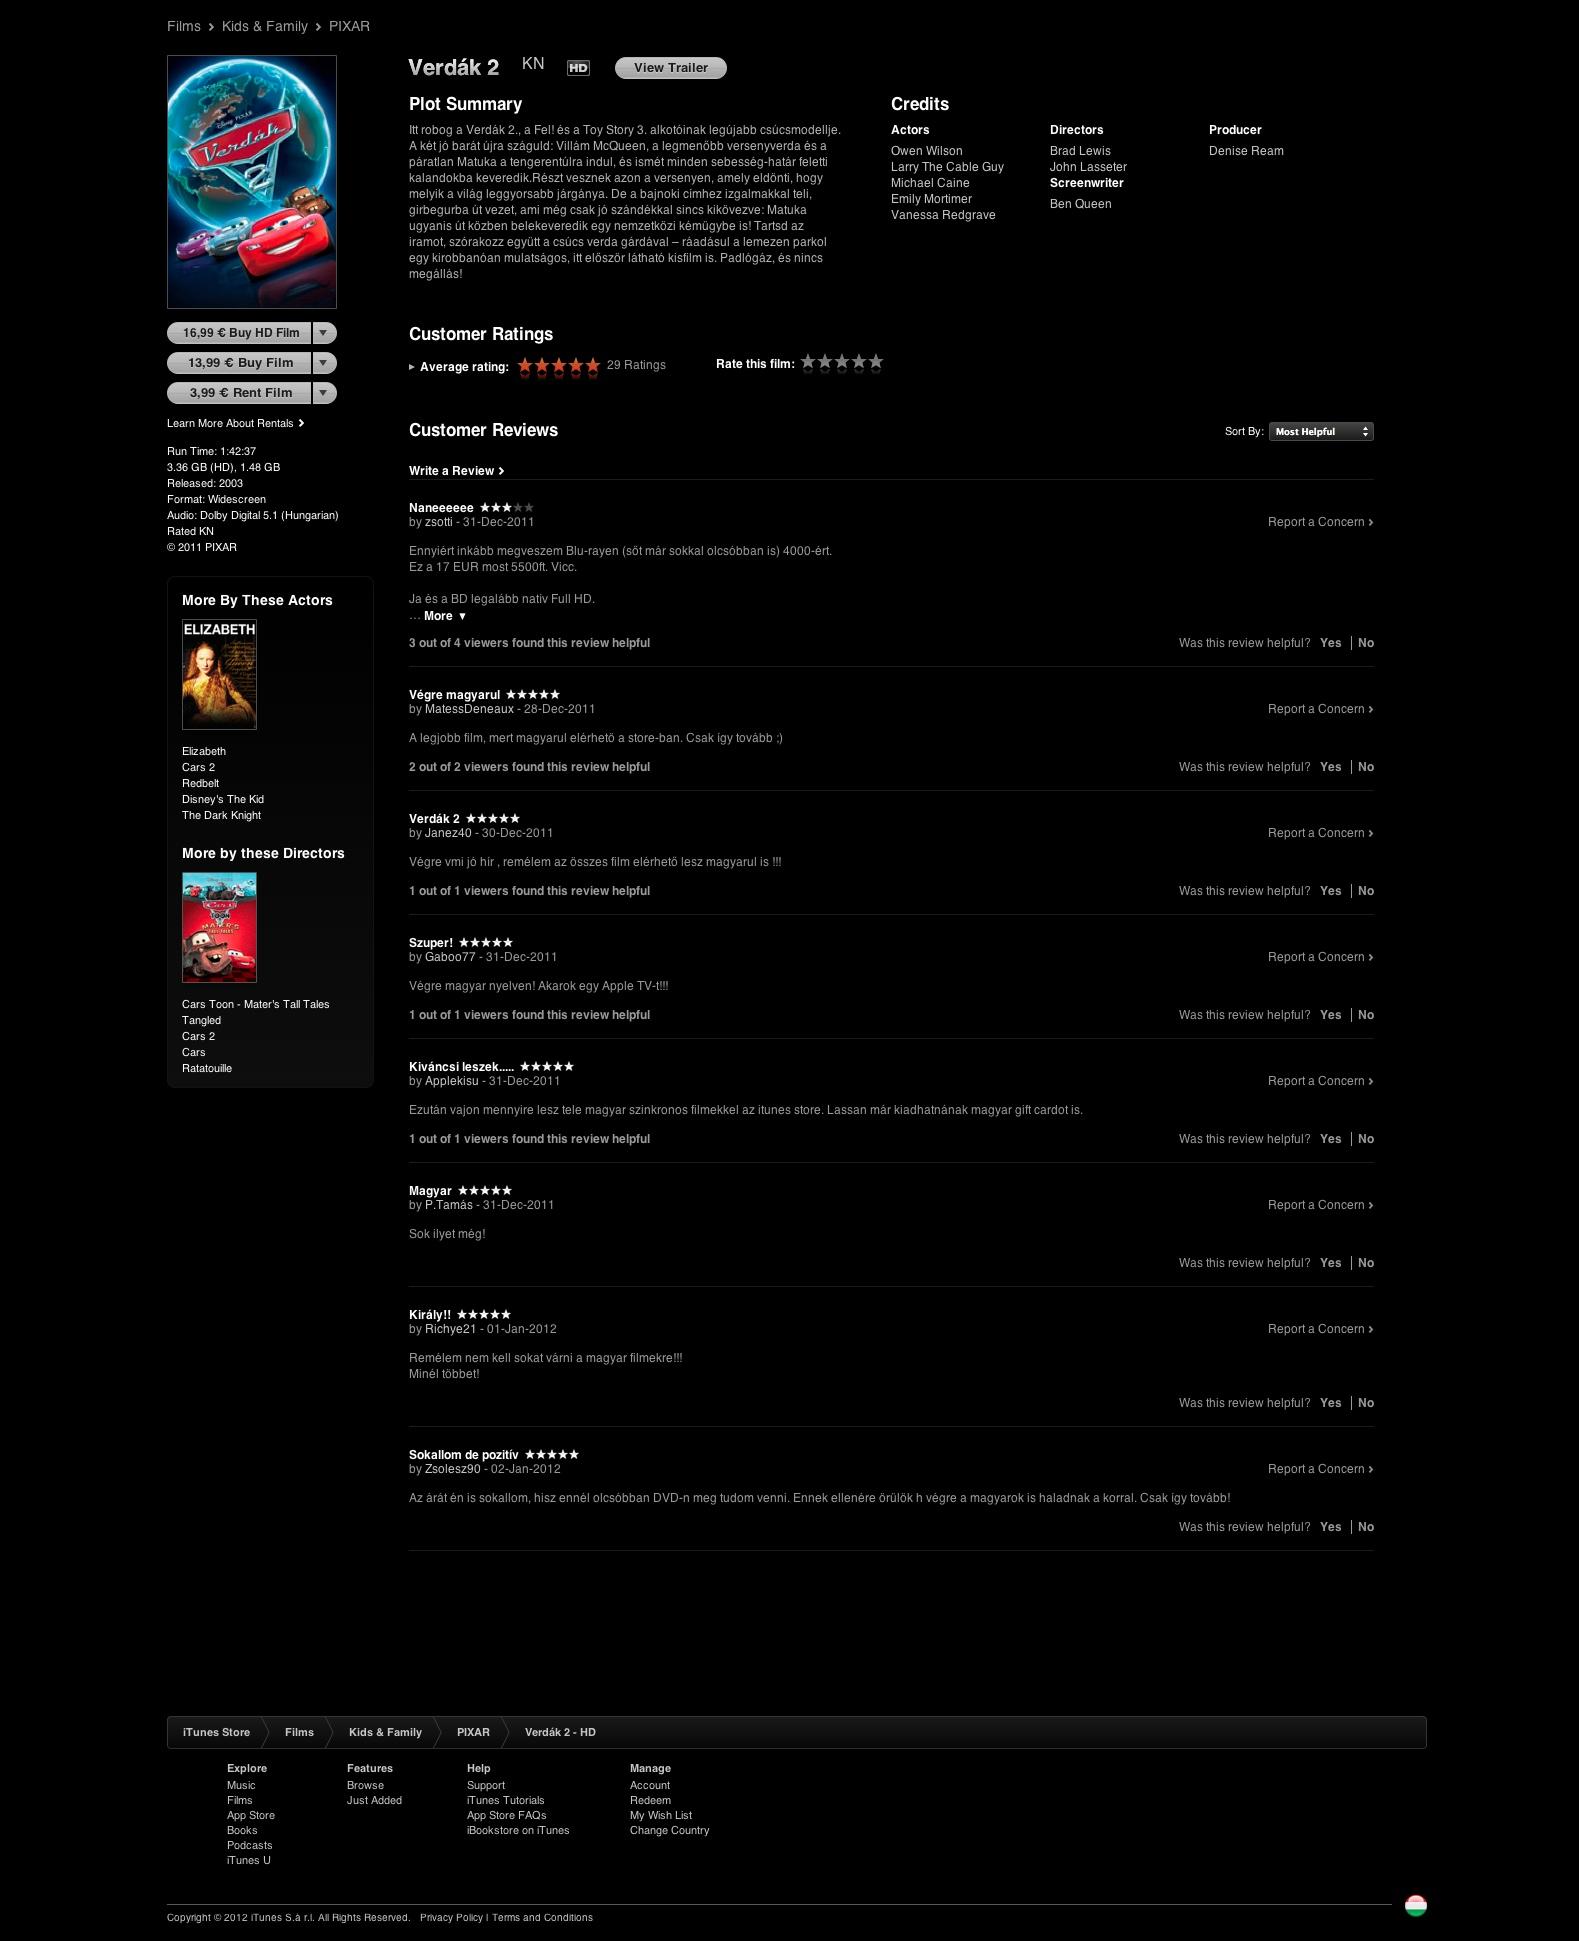 Verdák 2 magyarul az iTunes Store-ban